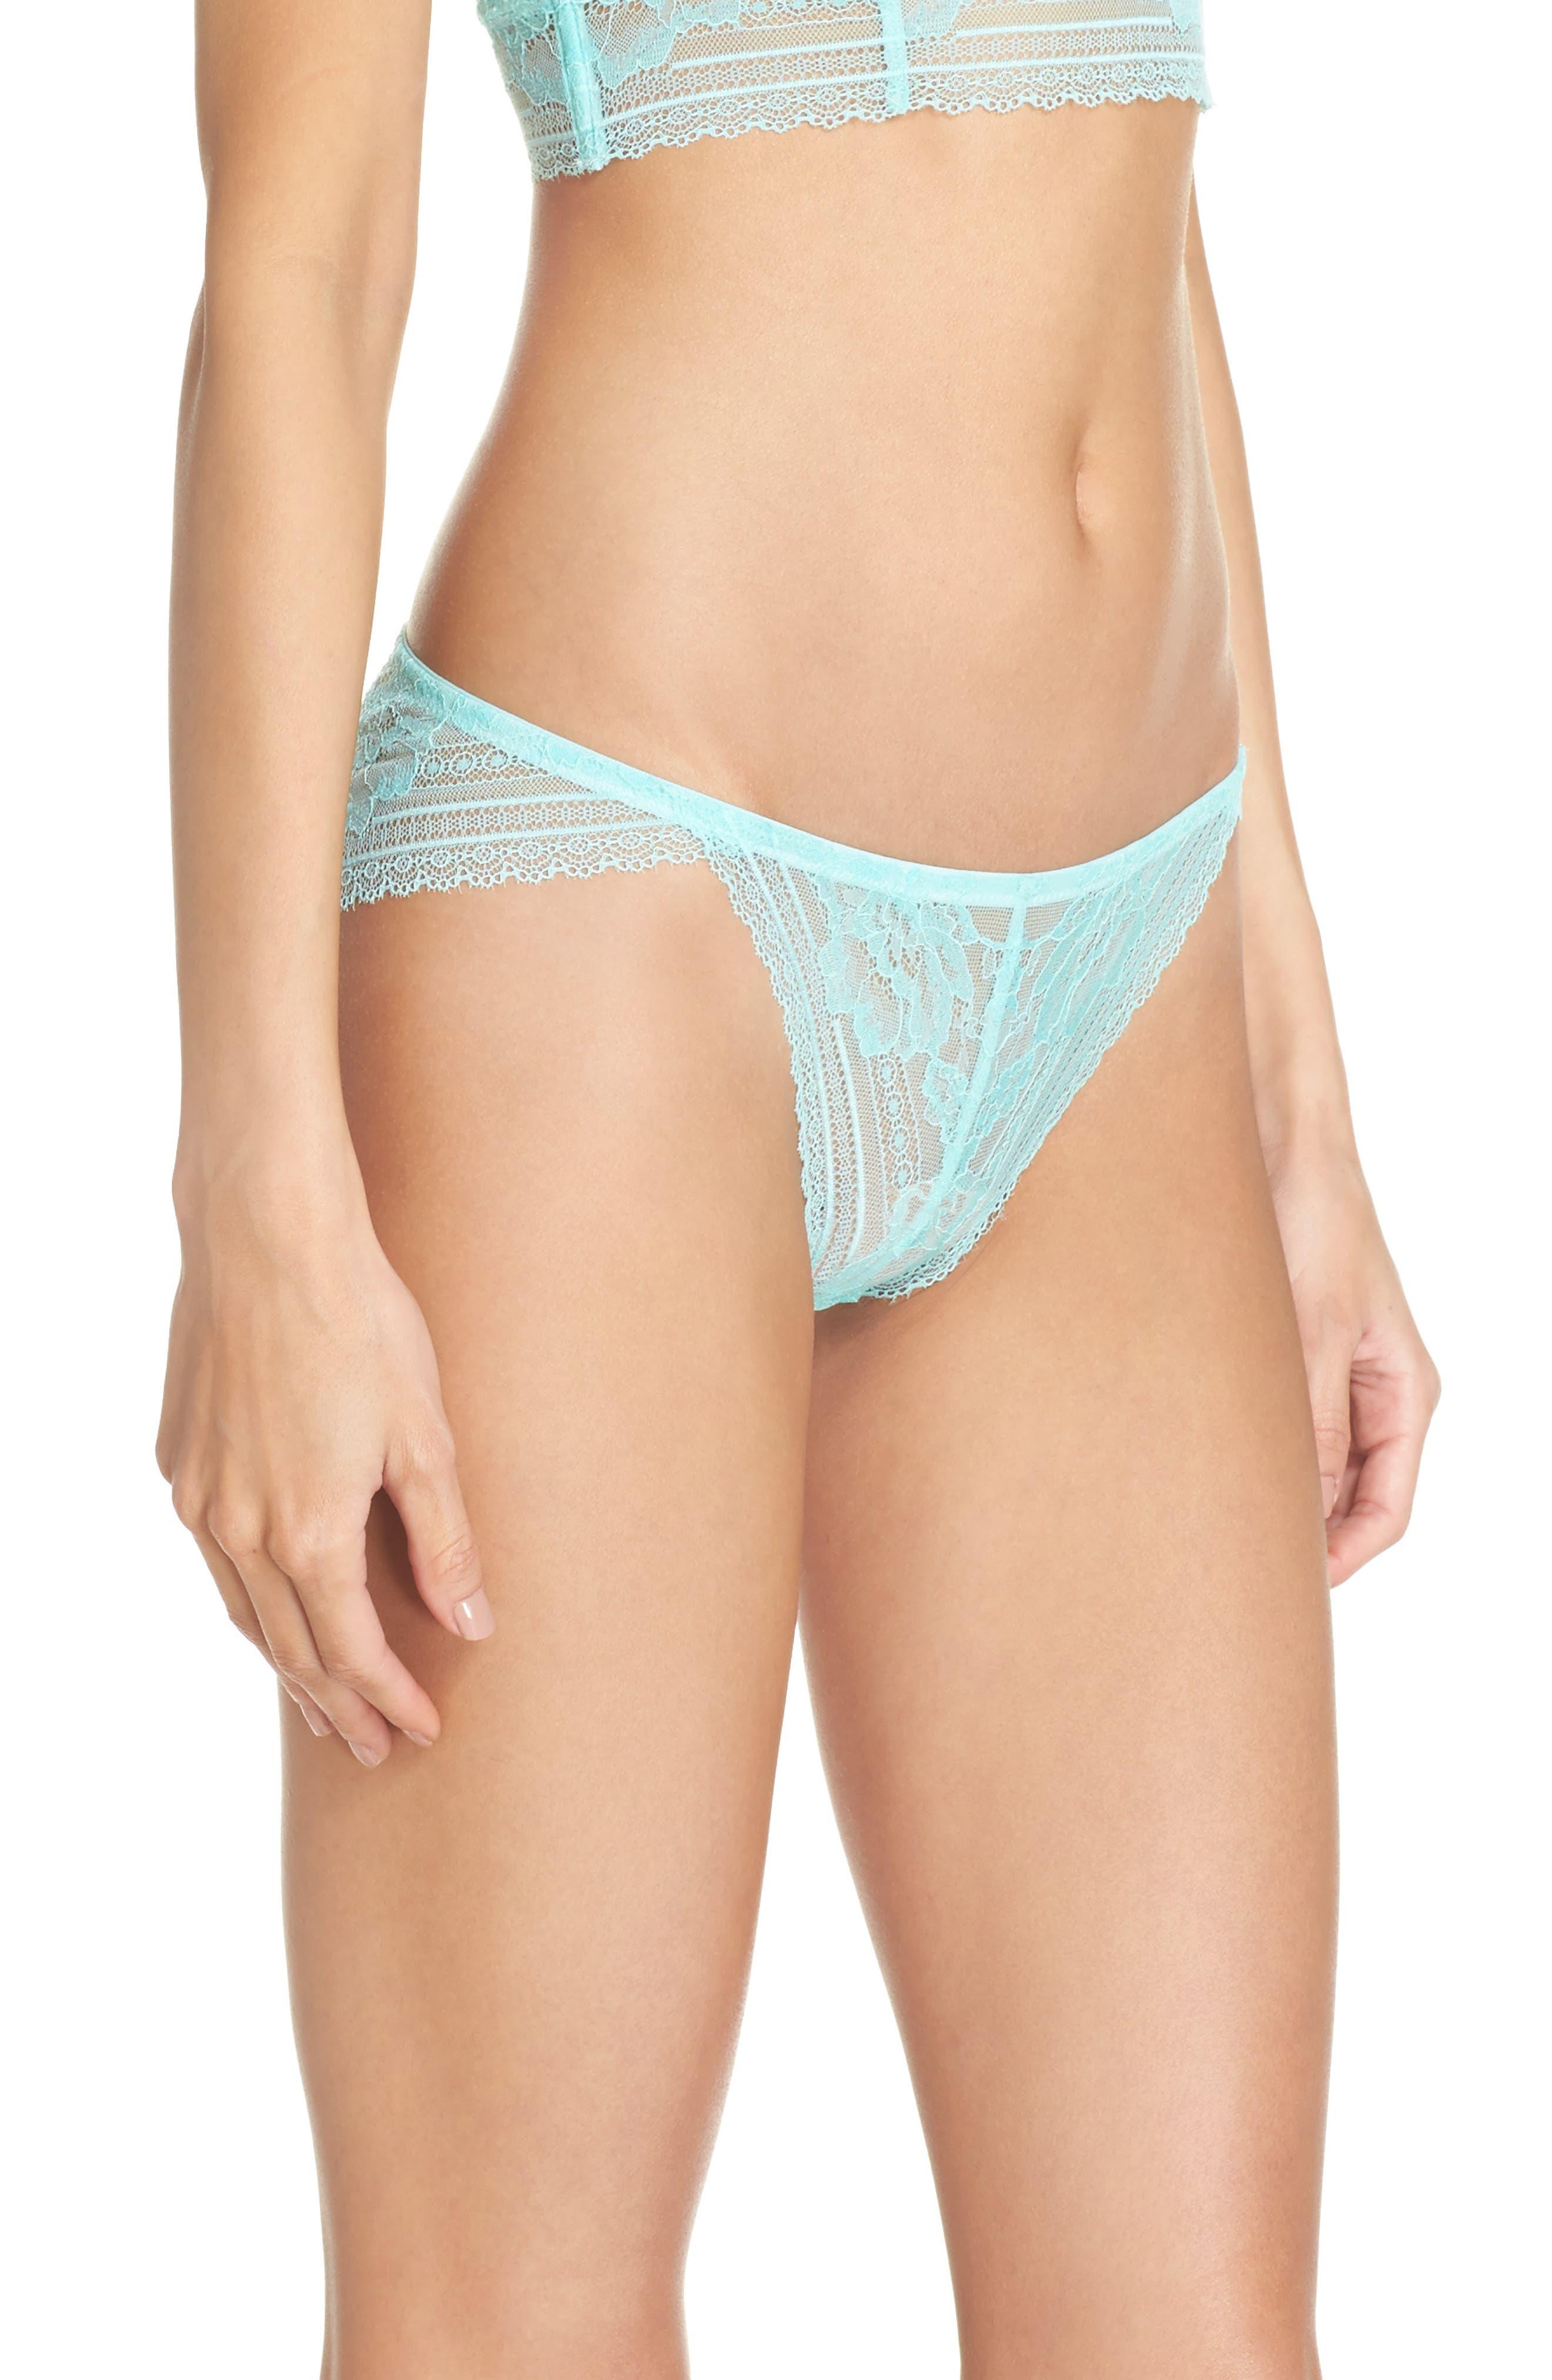 Intimately FP Sorento Lace Bikini,                             Alternate thumbnail 3, color,                             Mint